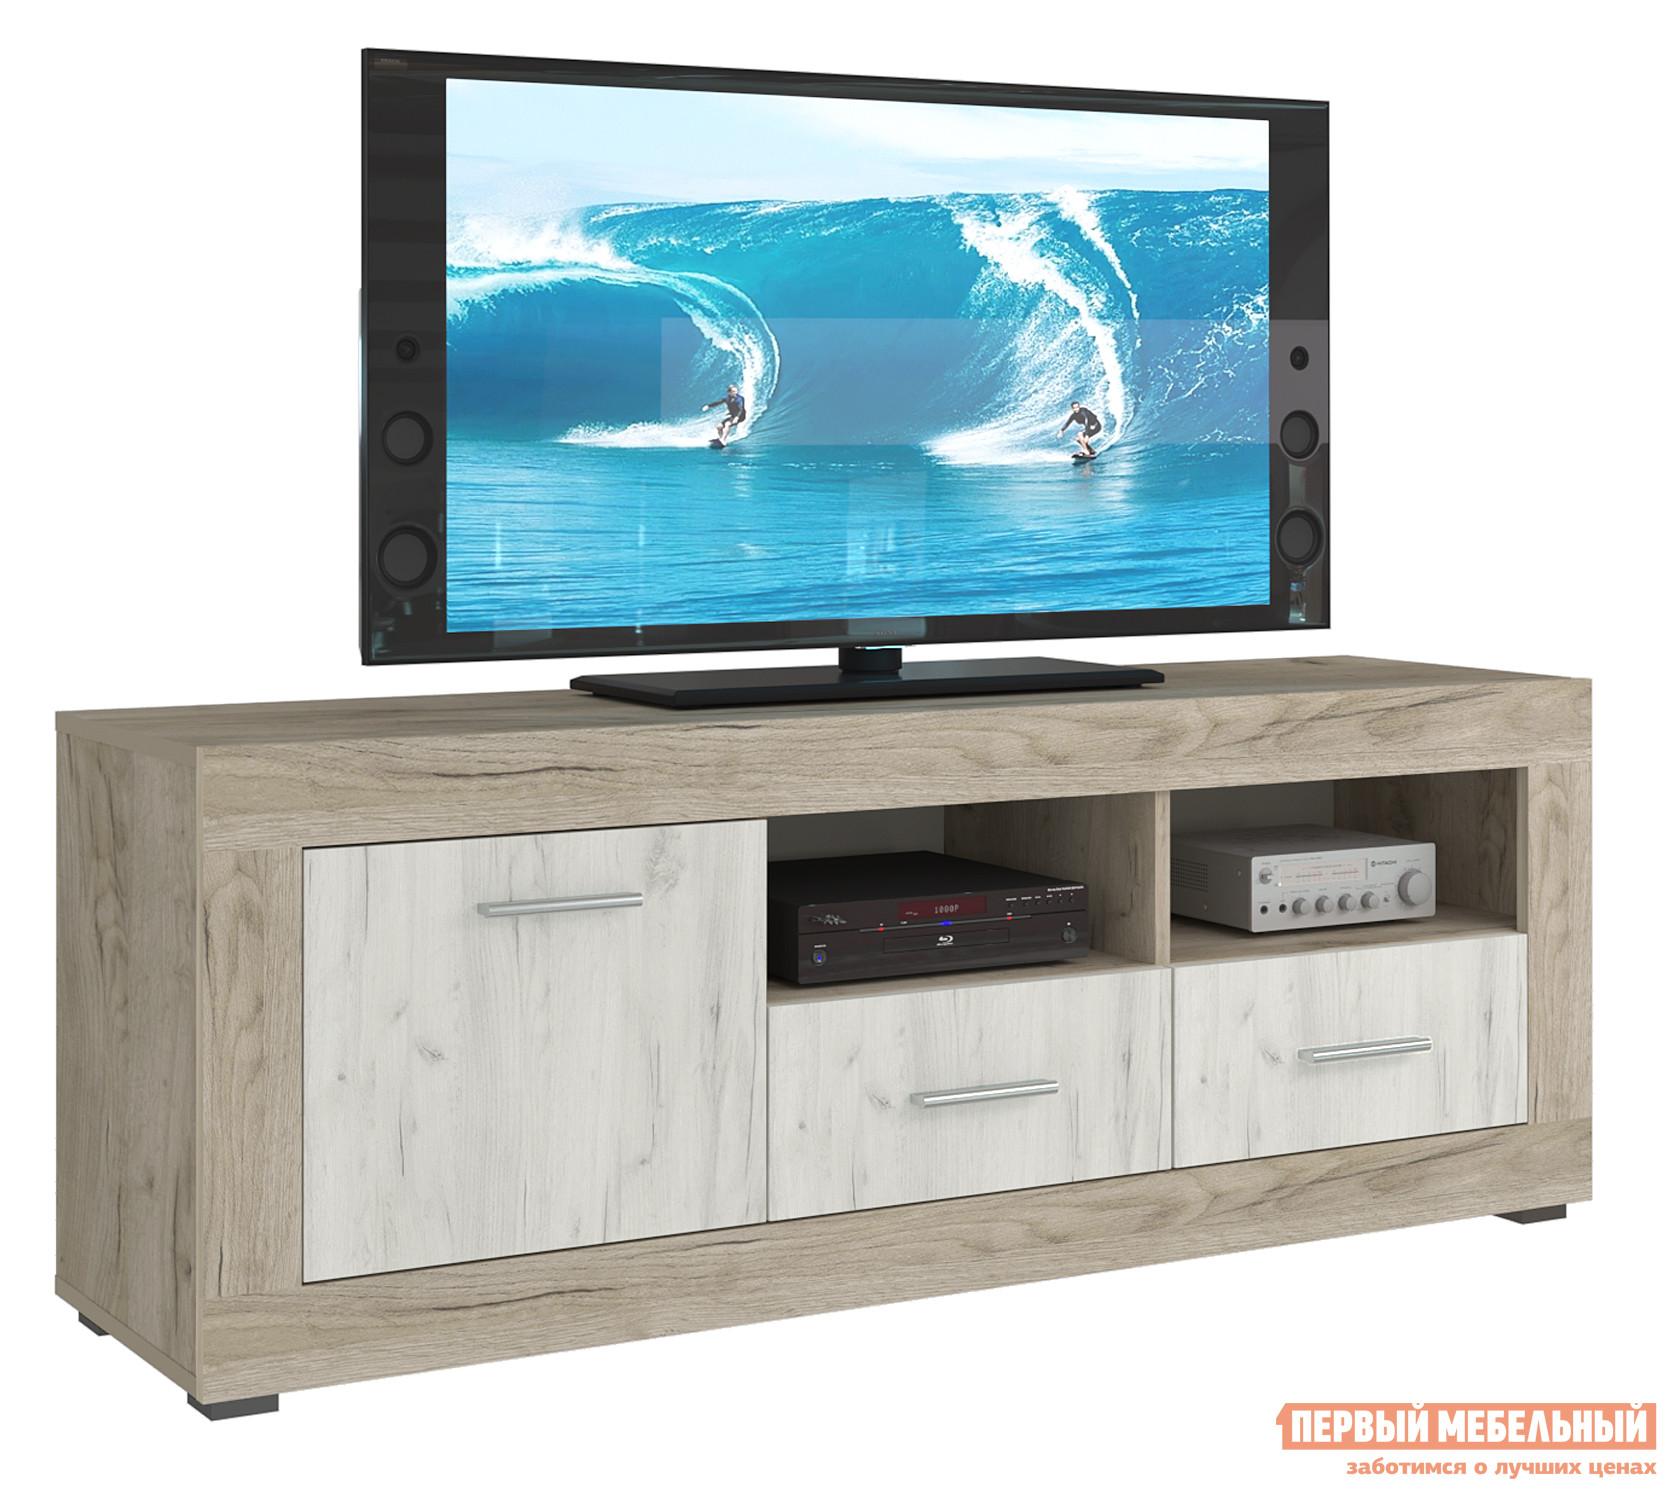 ТВ-тумба НК-Мебель Мюнхен тумба ТВ мебель для гостиной вмф мебель тумба под тв тунис